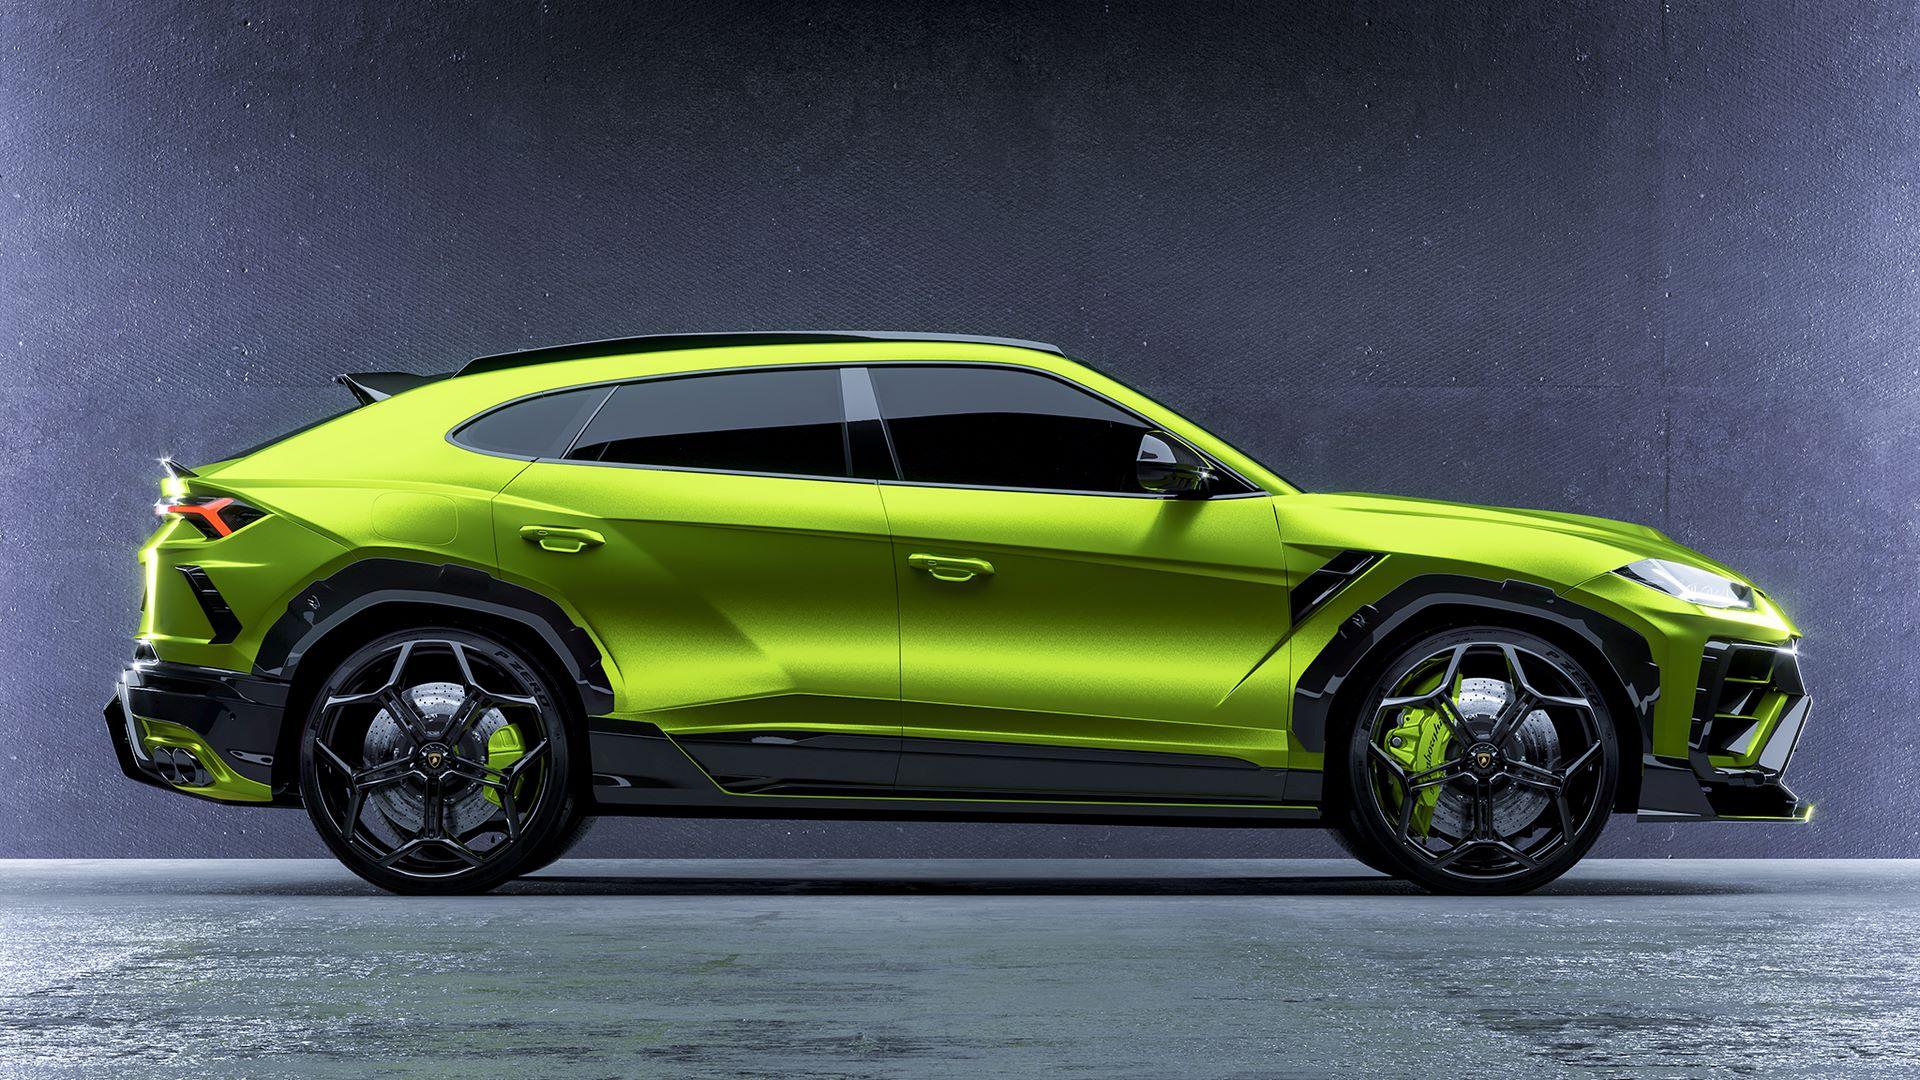 Lamborghini-Urus-by-Marius-Designhaus-6